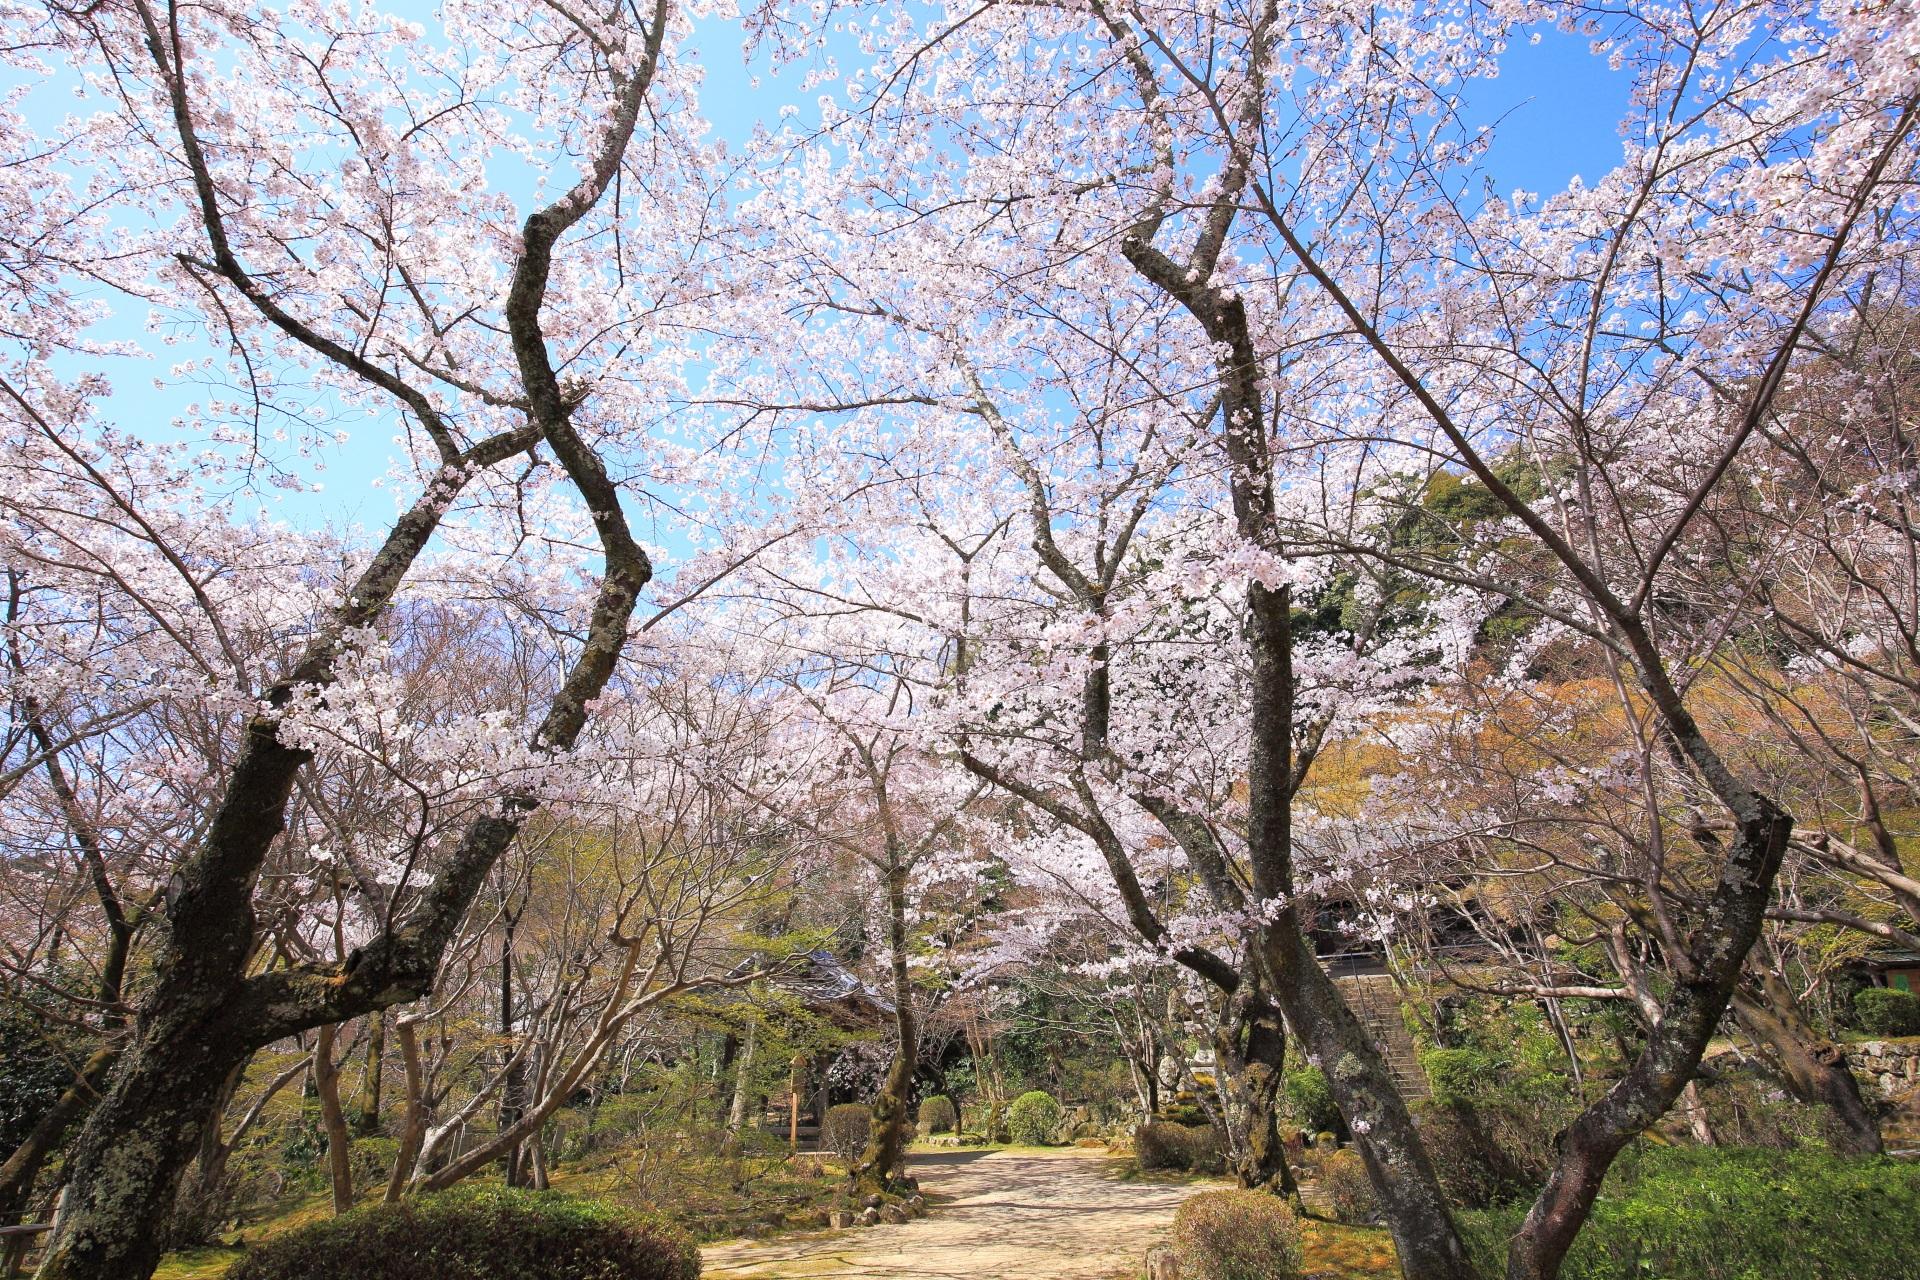 煌びやかな桜につつまれた春の勝持寺